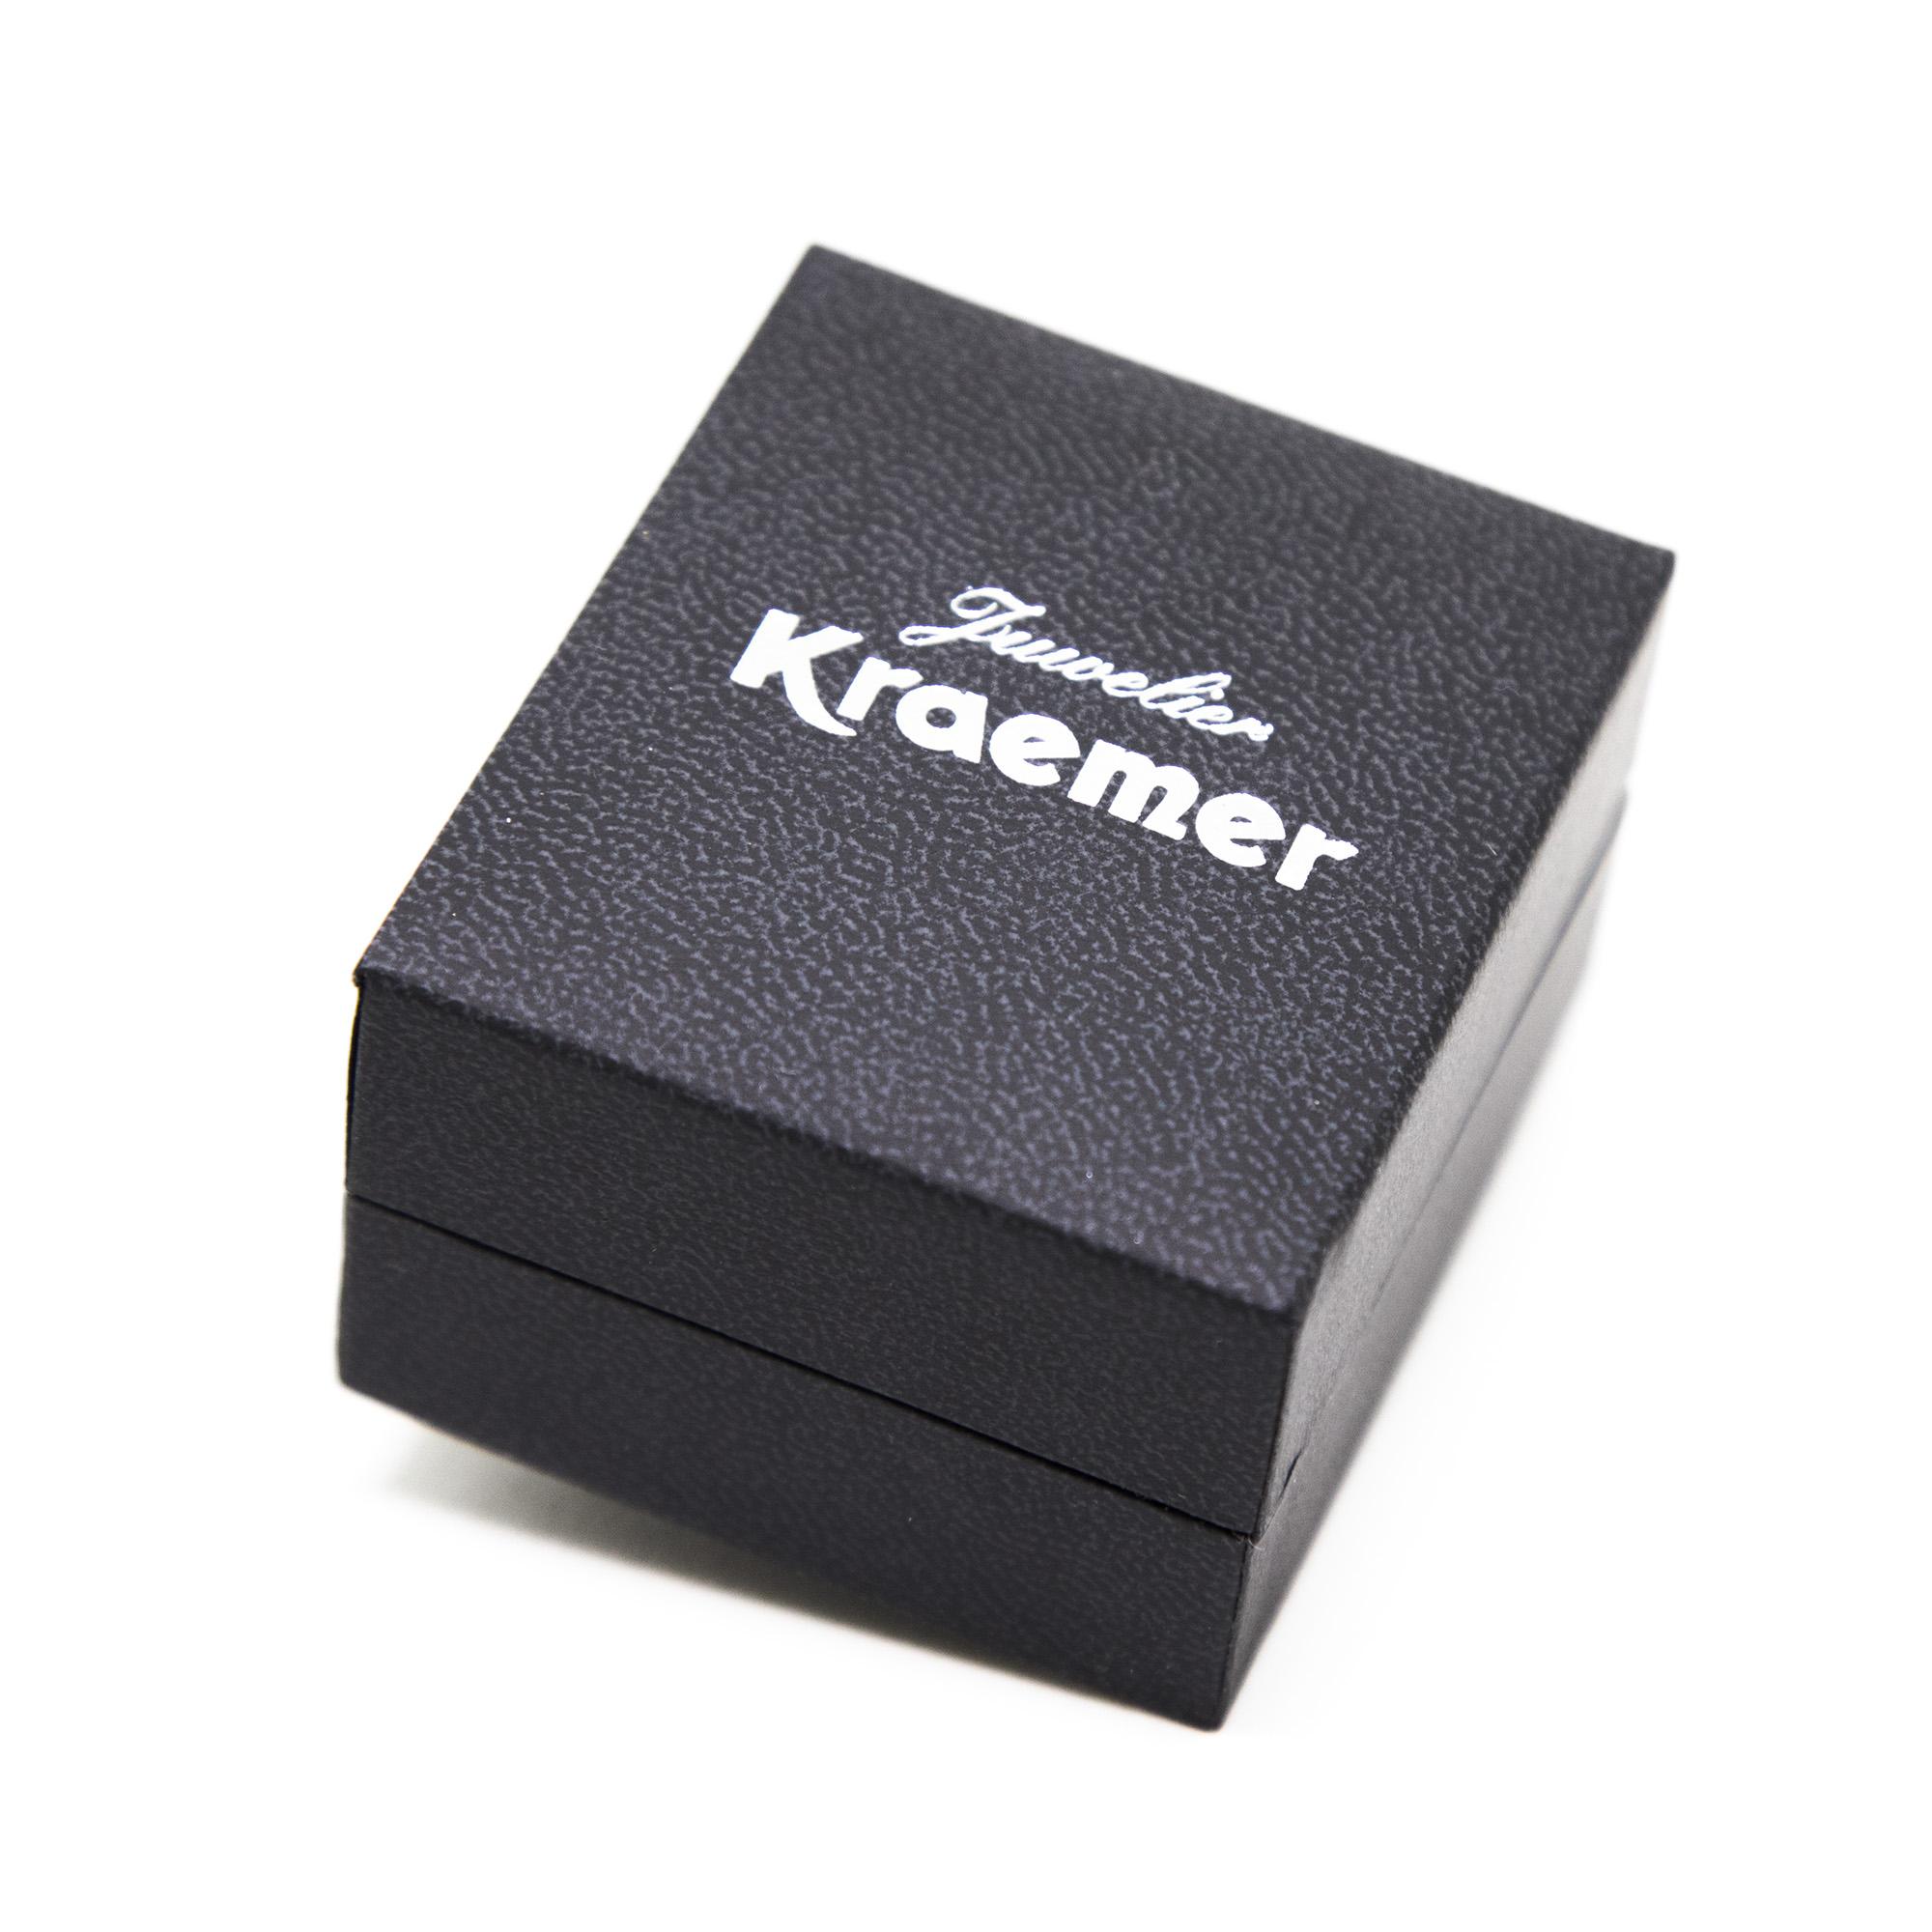 juwelier kraemer anh nger 585 gold juwelier kraemer onlineshop. Black Bedroom Furniture Sets. Home Design Ideas